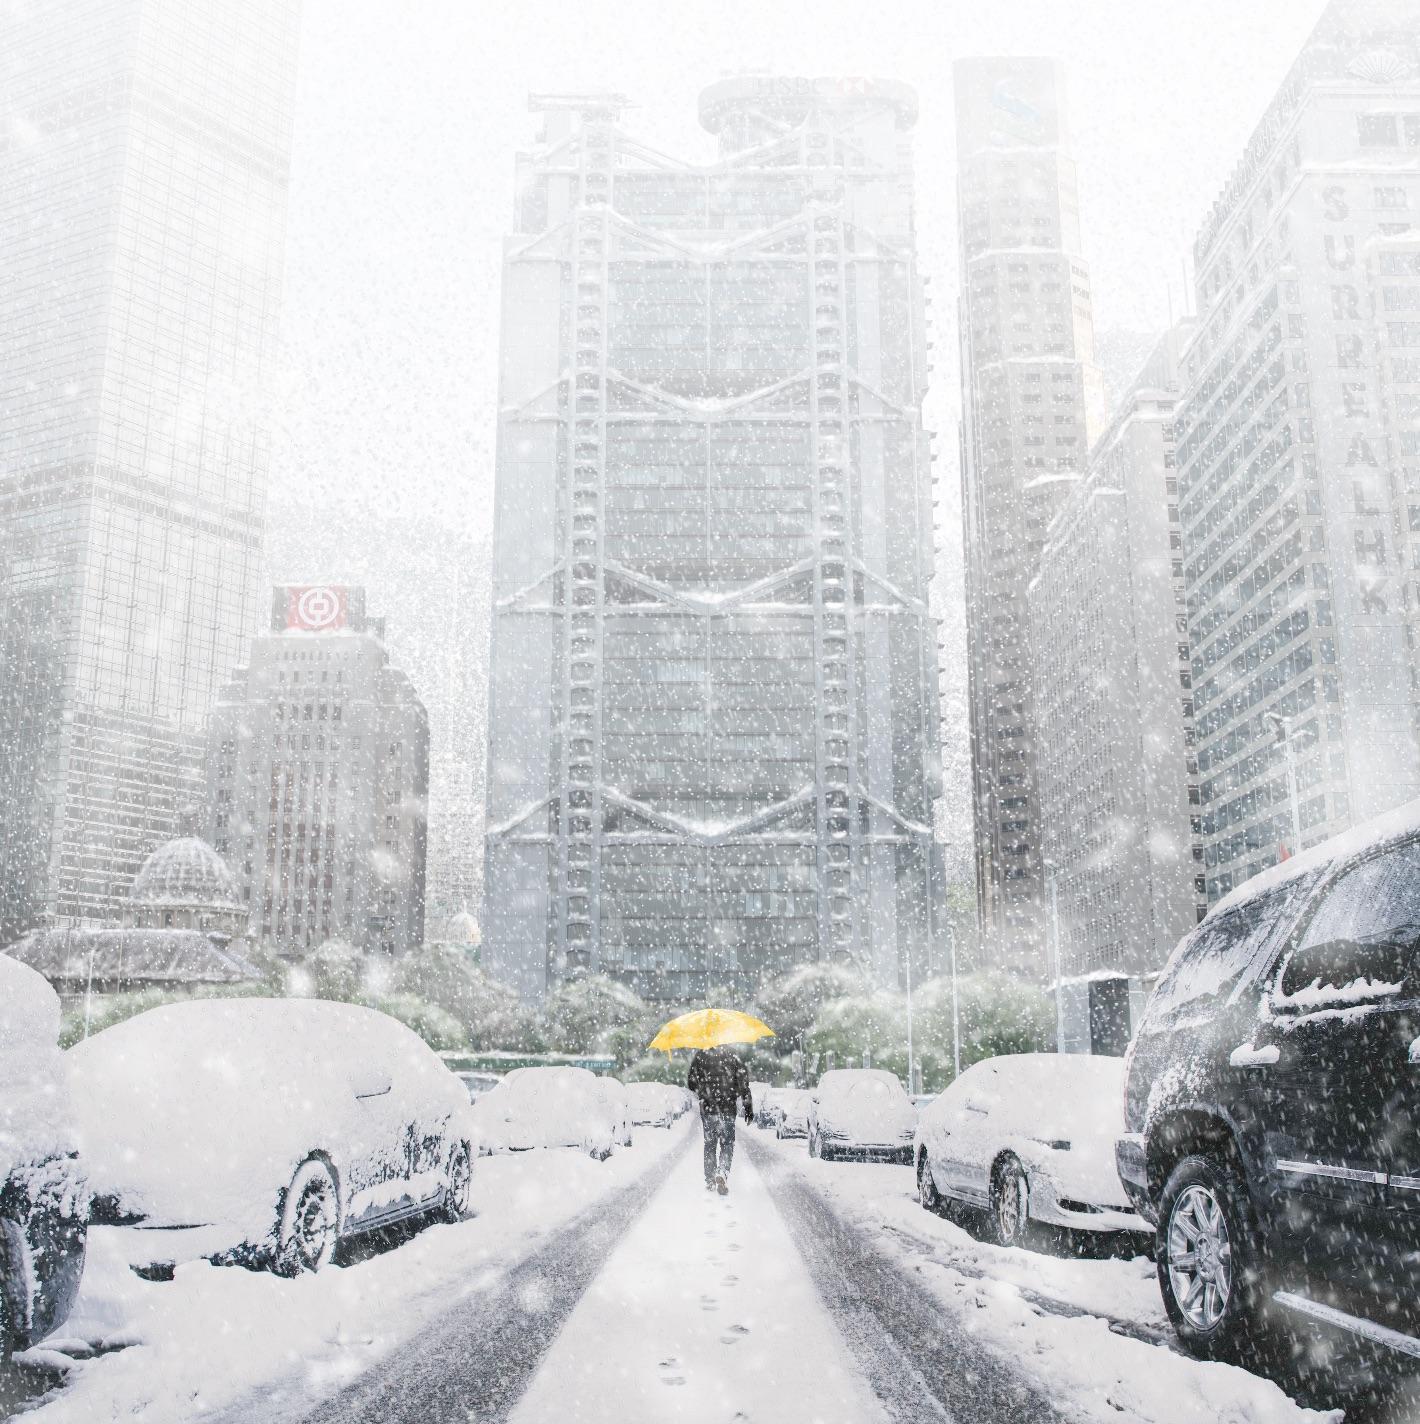 surrealhk Tommy Fung Photoshop 改圖 攝影 個展 冰天雪地 滙豐